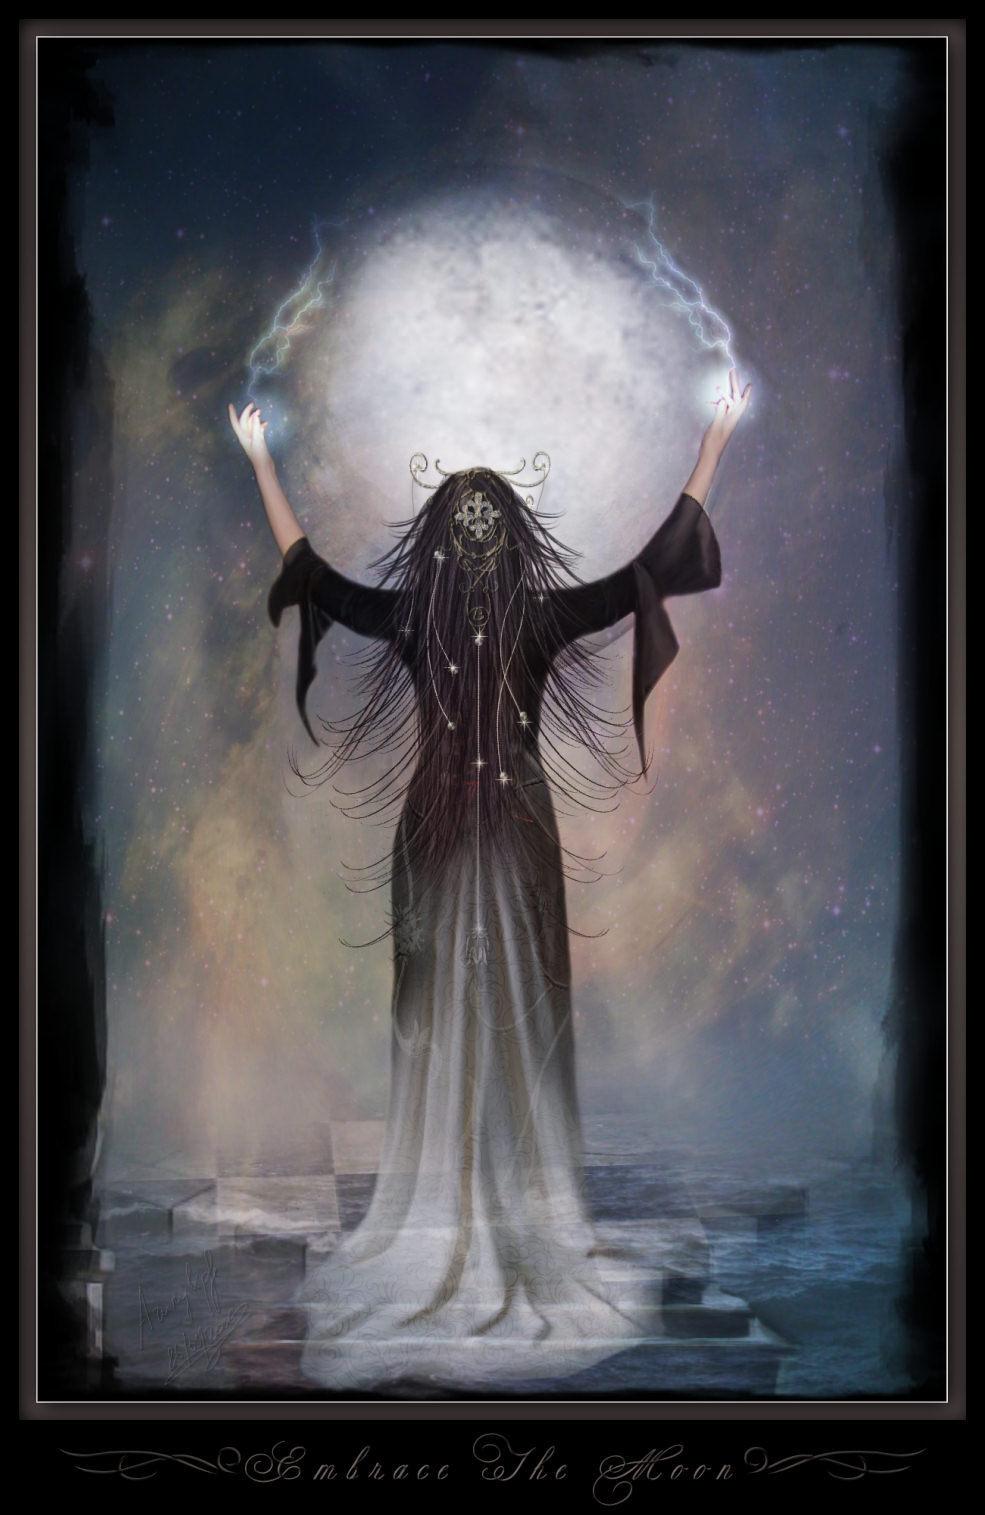 Moon fairy - Fantasy Photo (4723130) - Fanpop